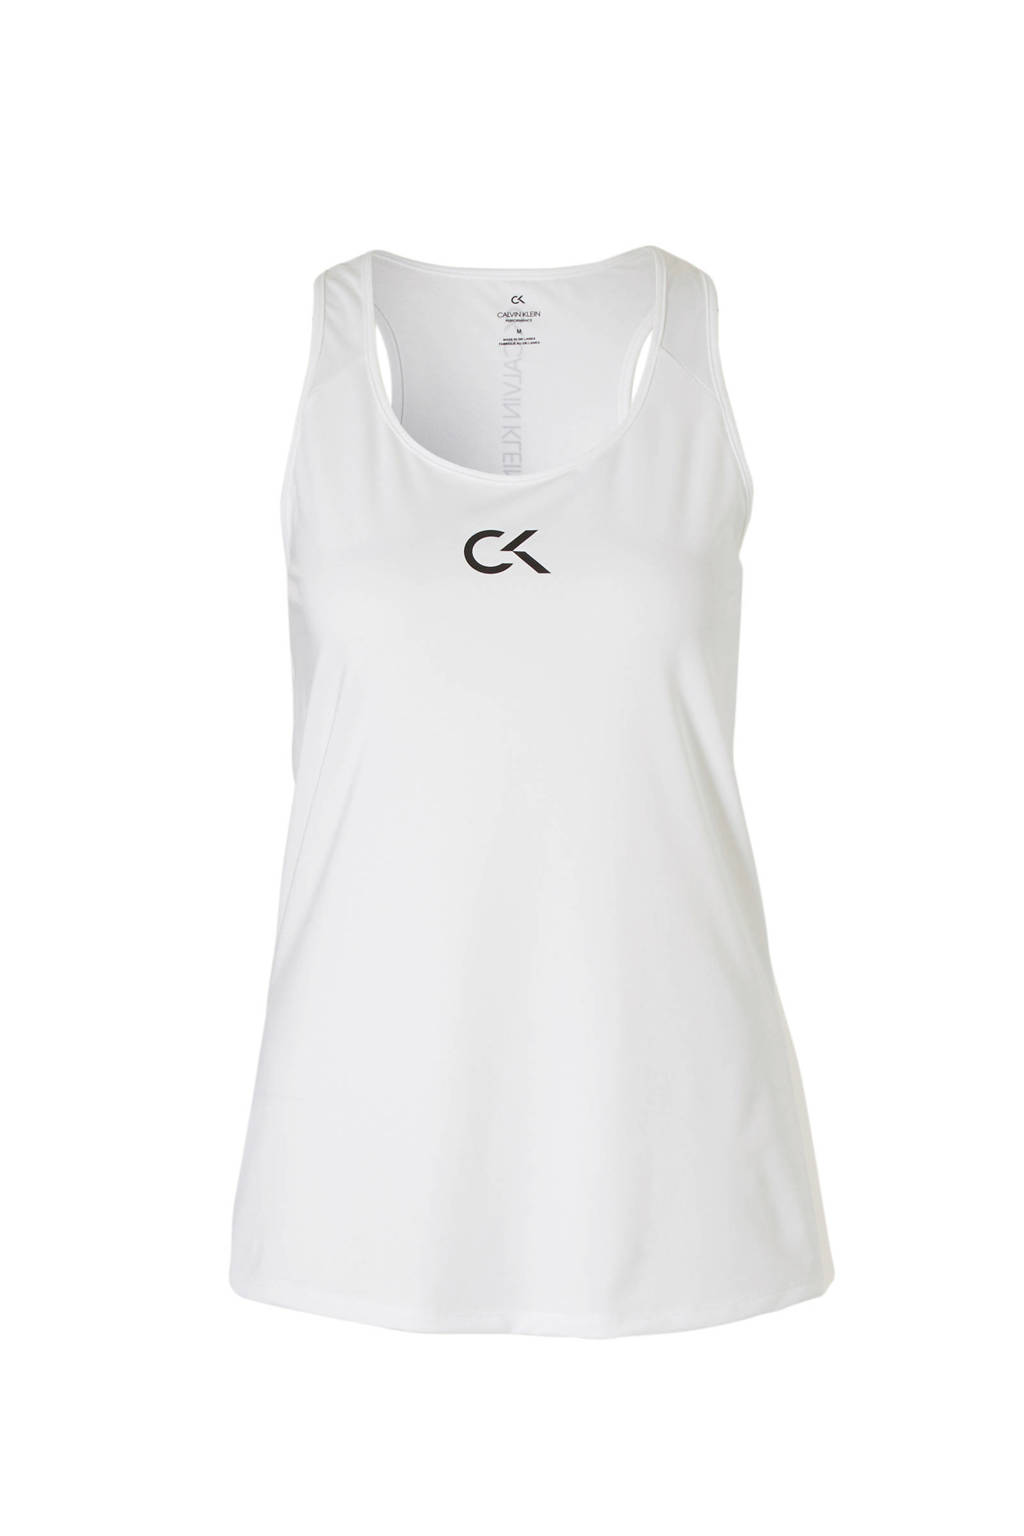 Calvin Klein Performance sporttop wit, Wit